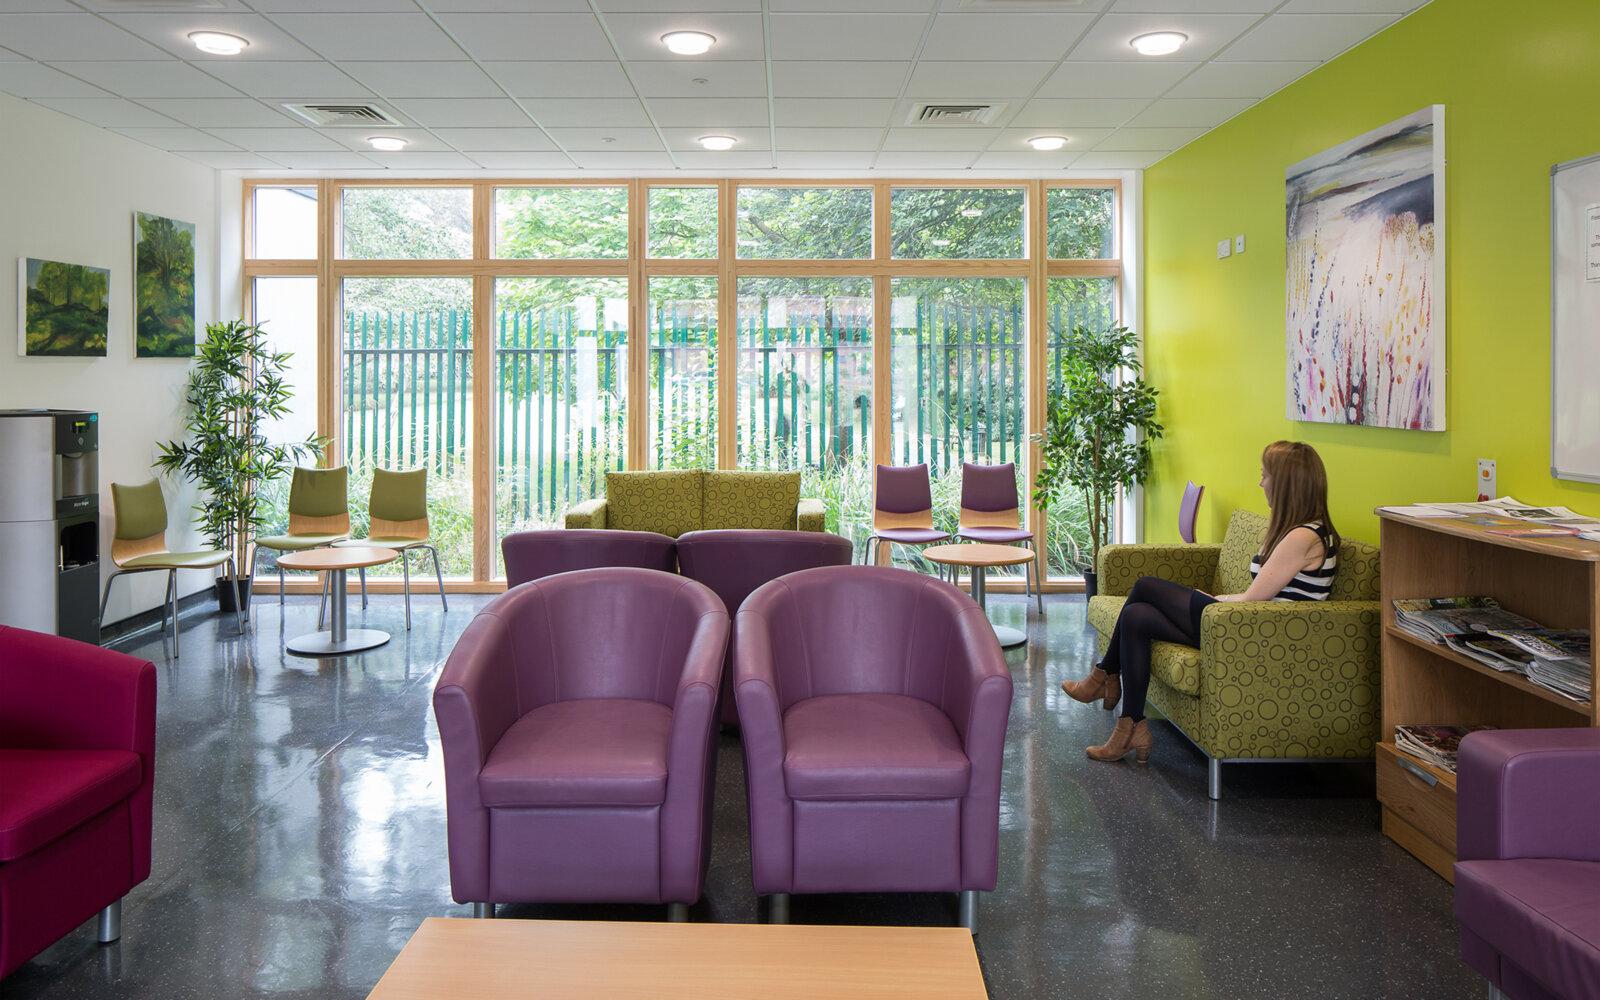 Worthing Hospital waiting area